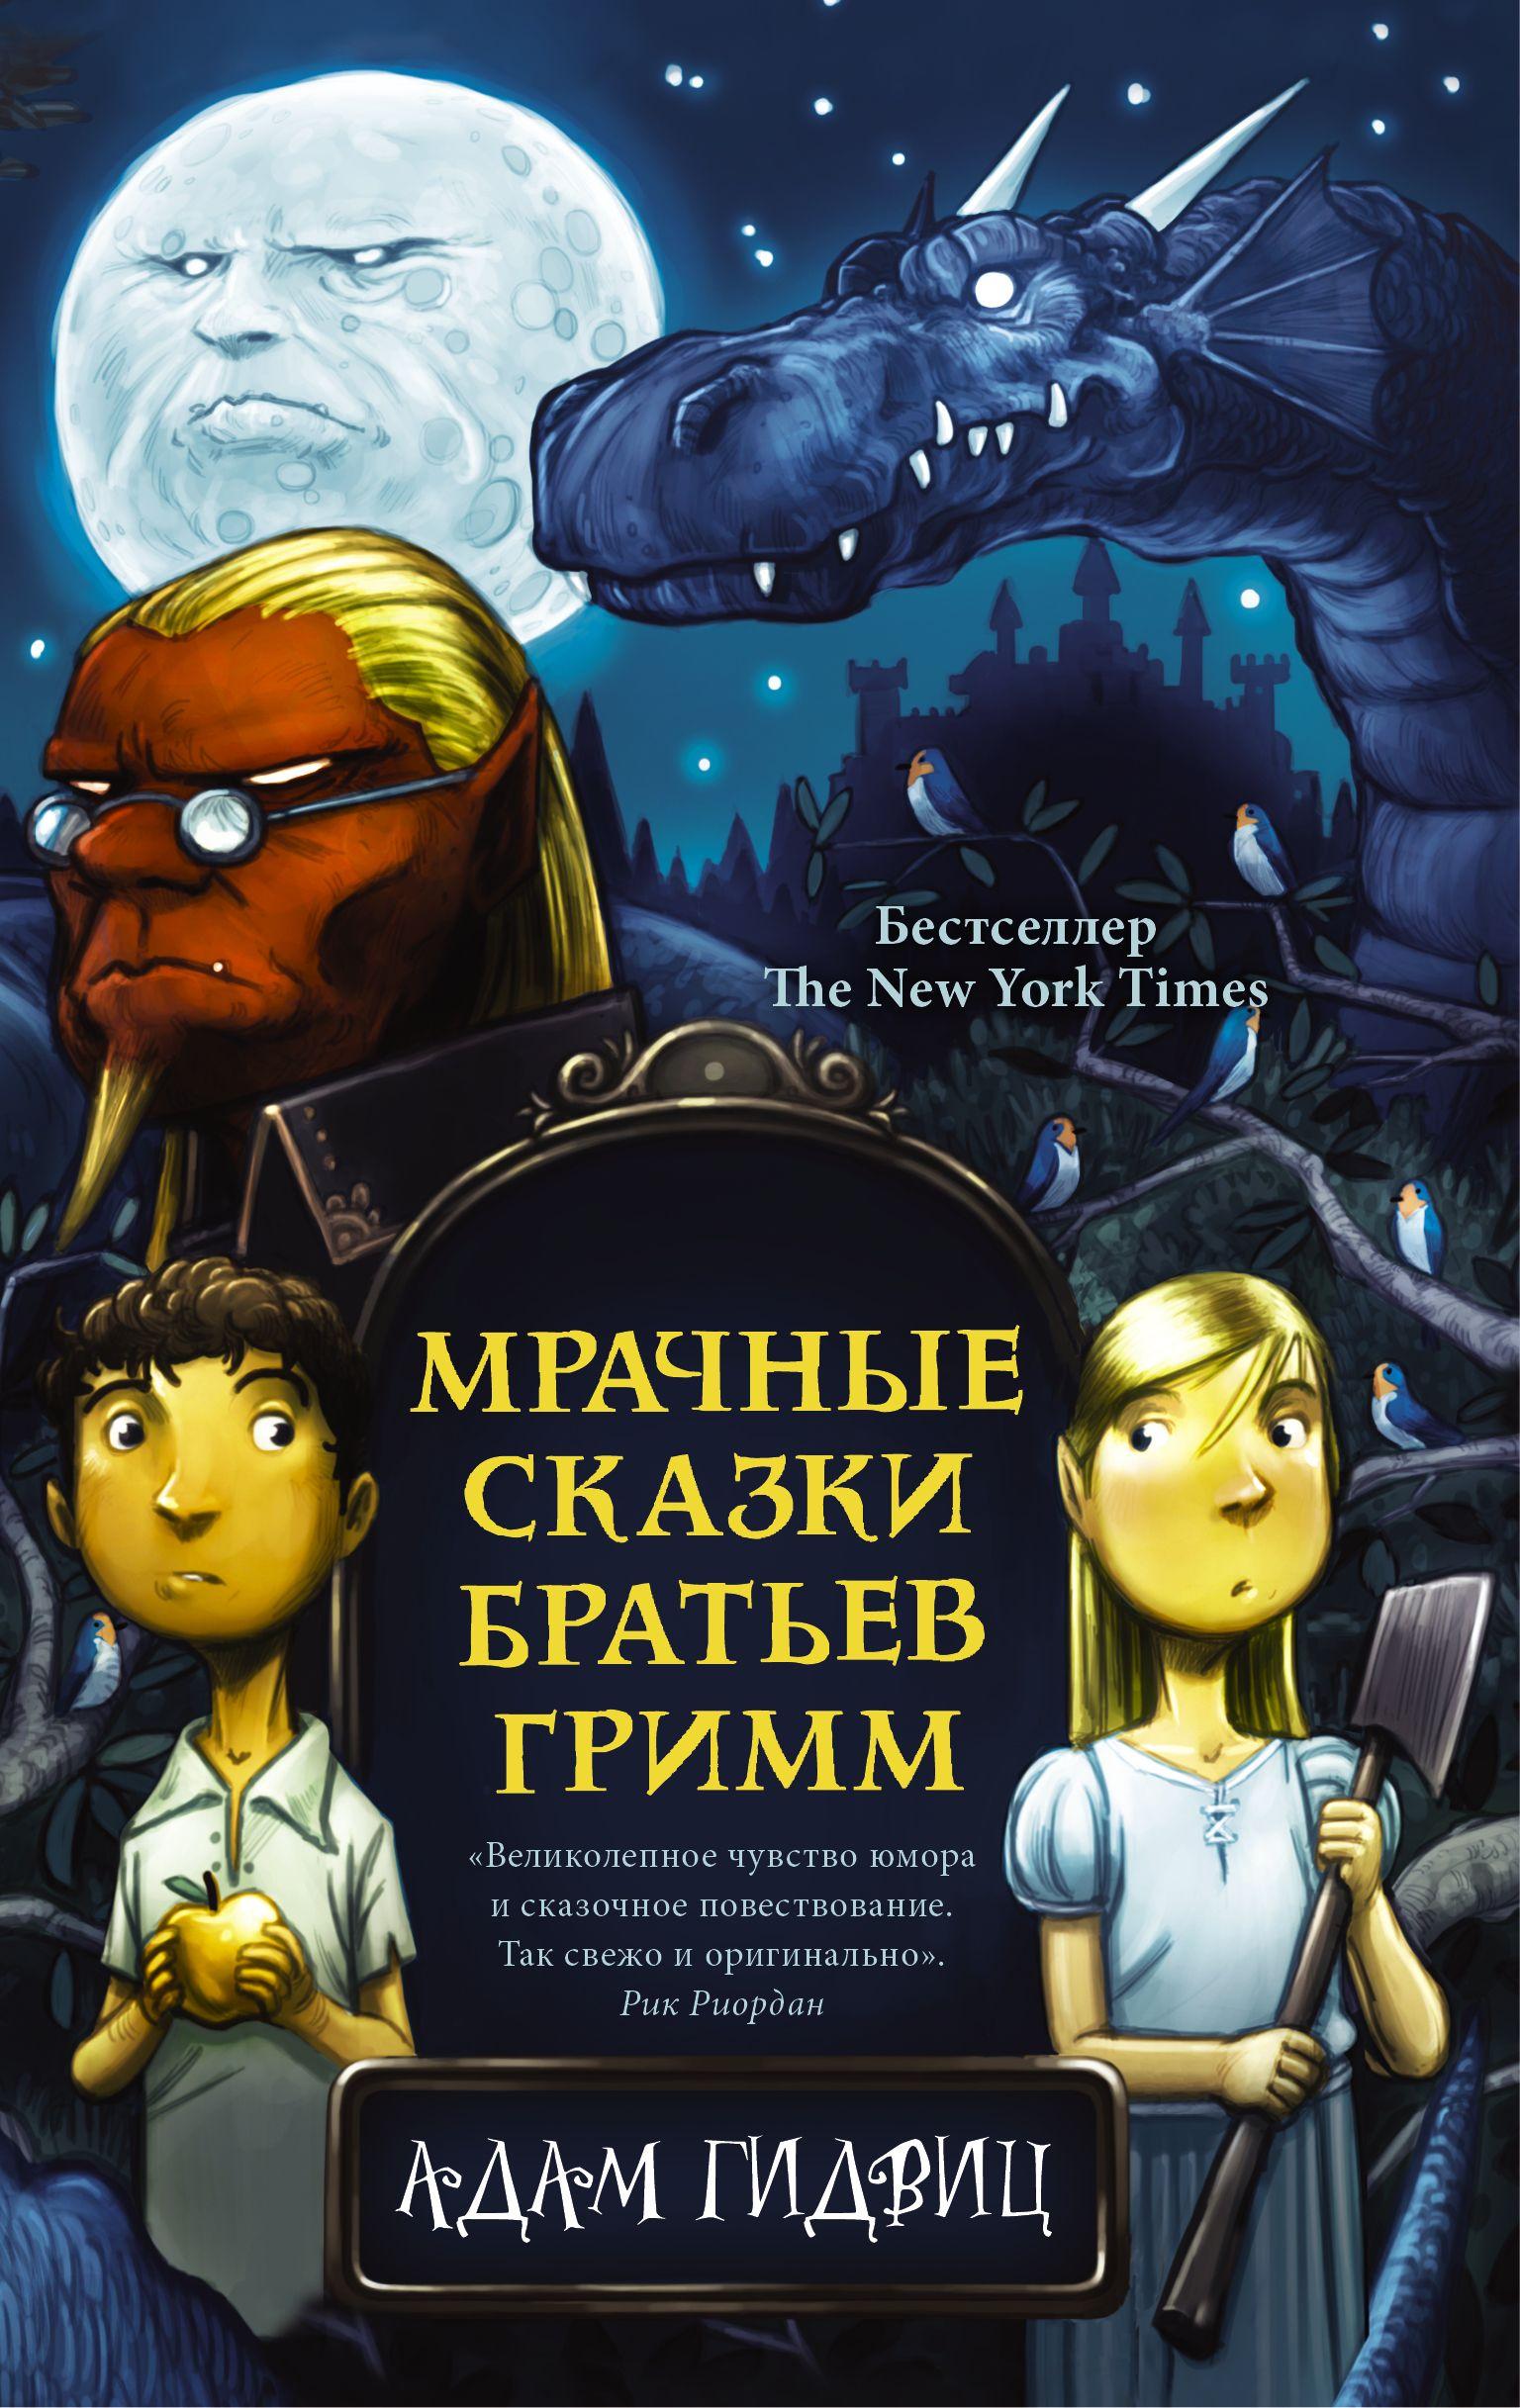 Адам Гидвиц Мрачные сказки братьев Гримм